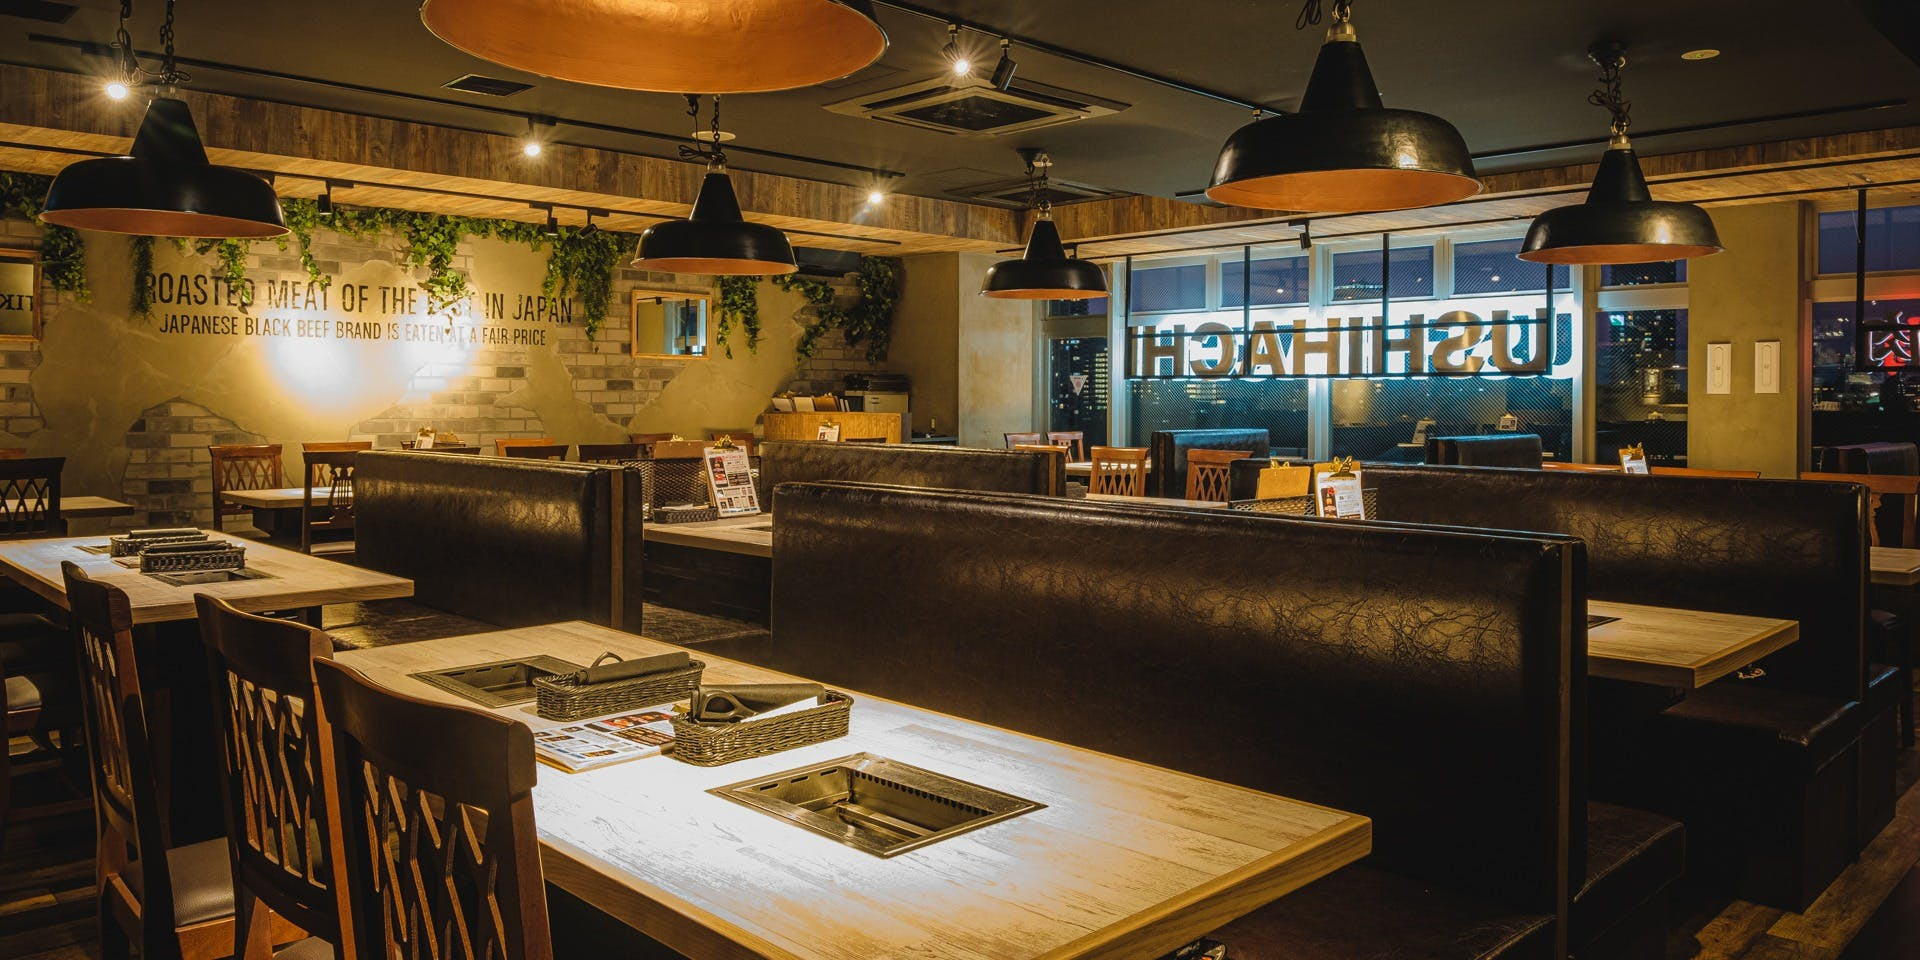 記念日におすすめのレストラン・USHIHACHI 上野店の写真1